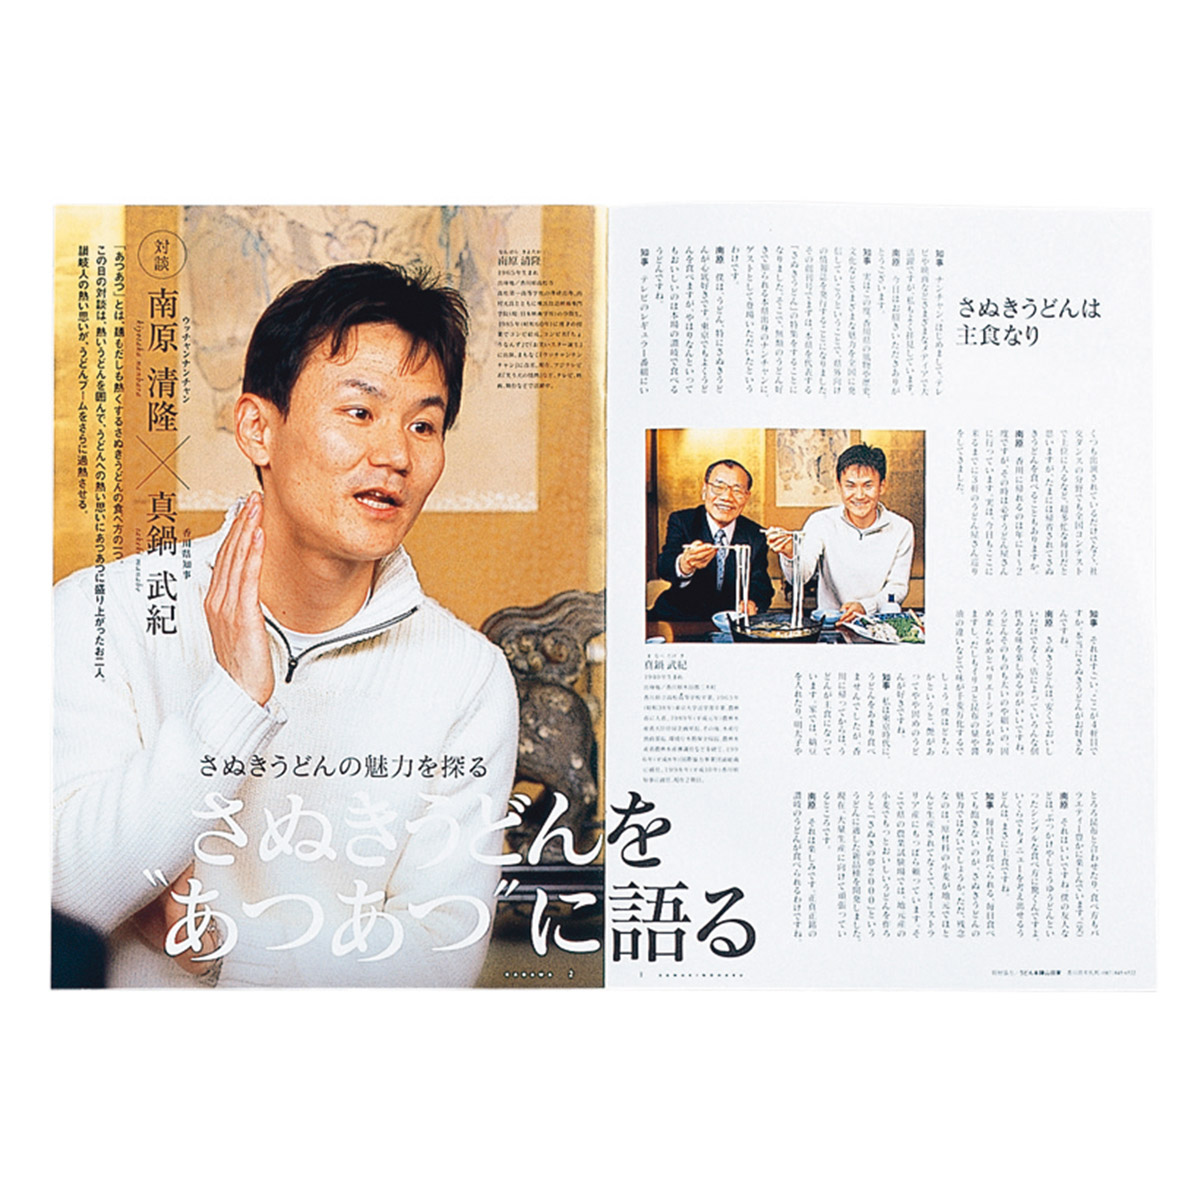 香川県 県外向け広報誌